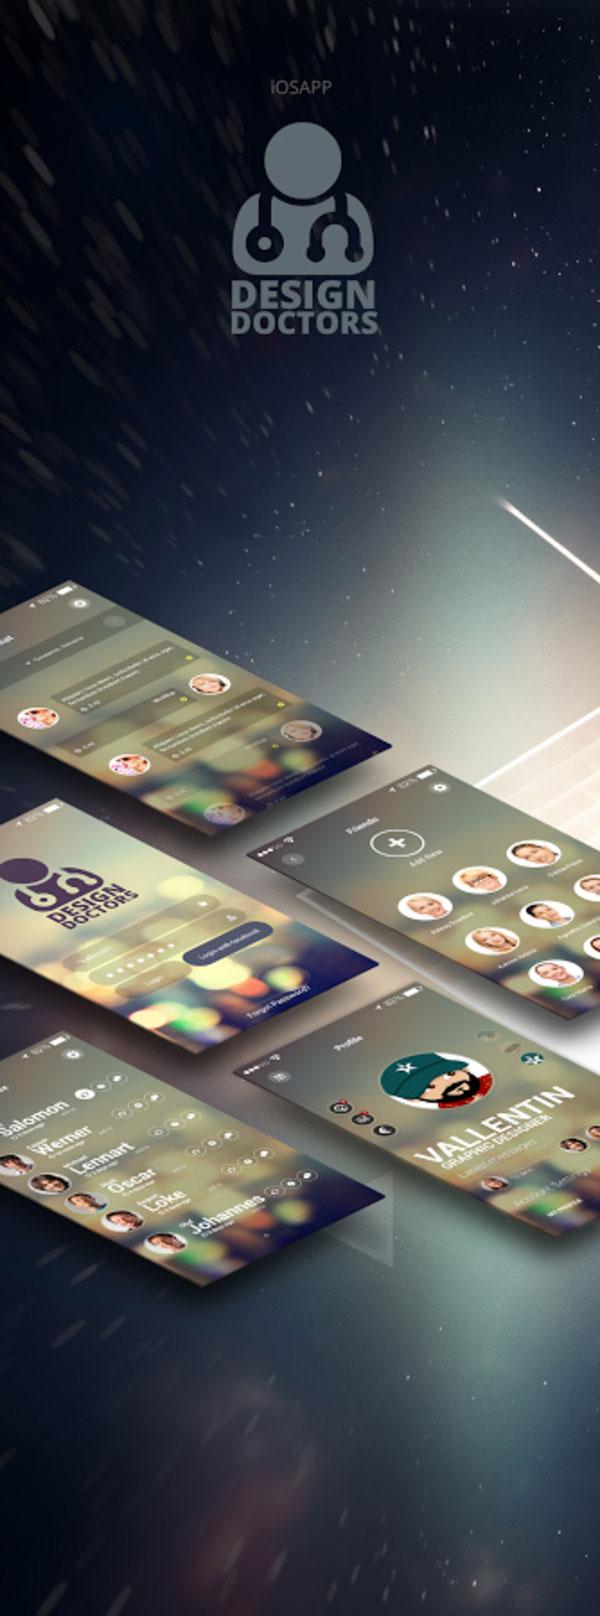 PSD Social App UI Design